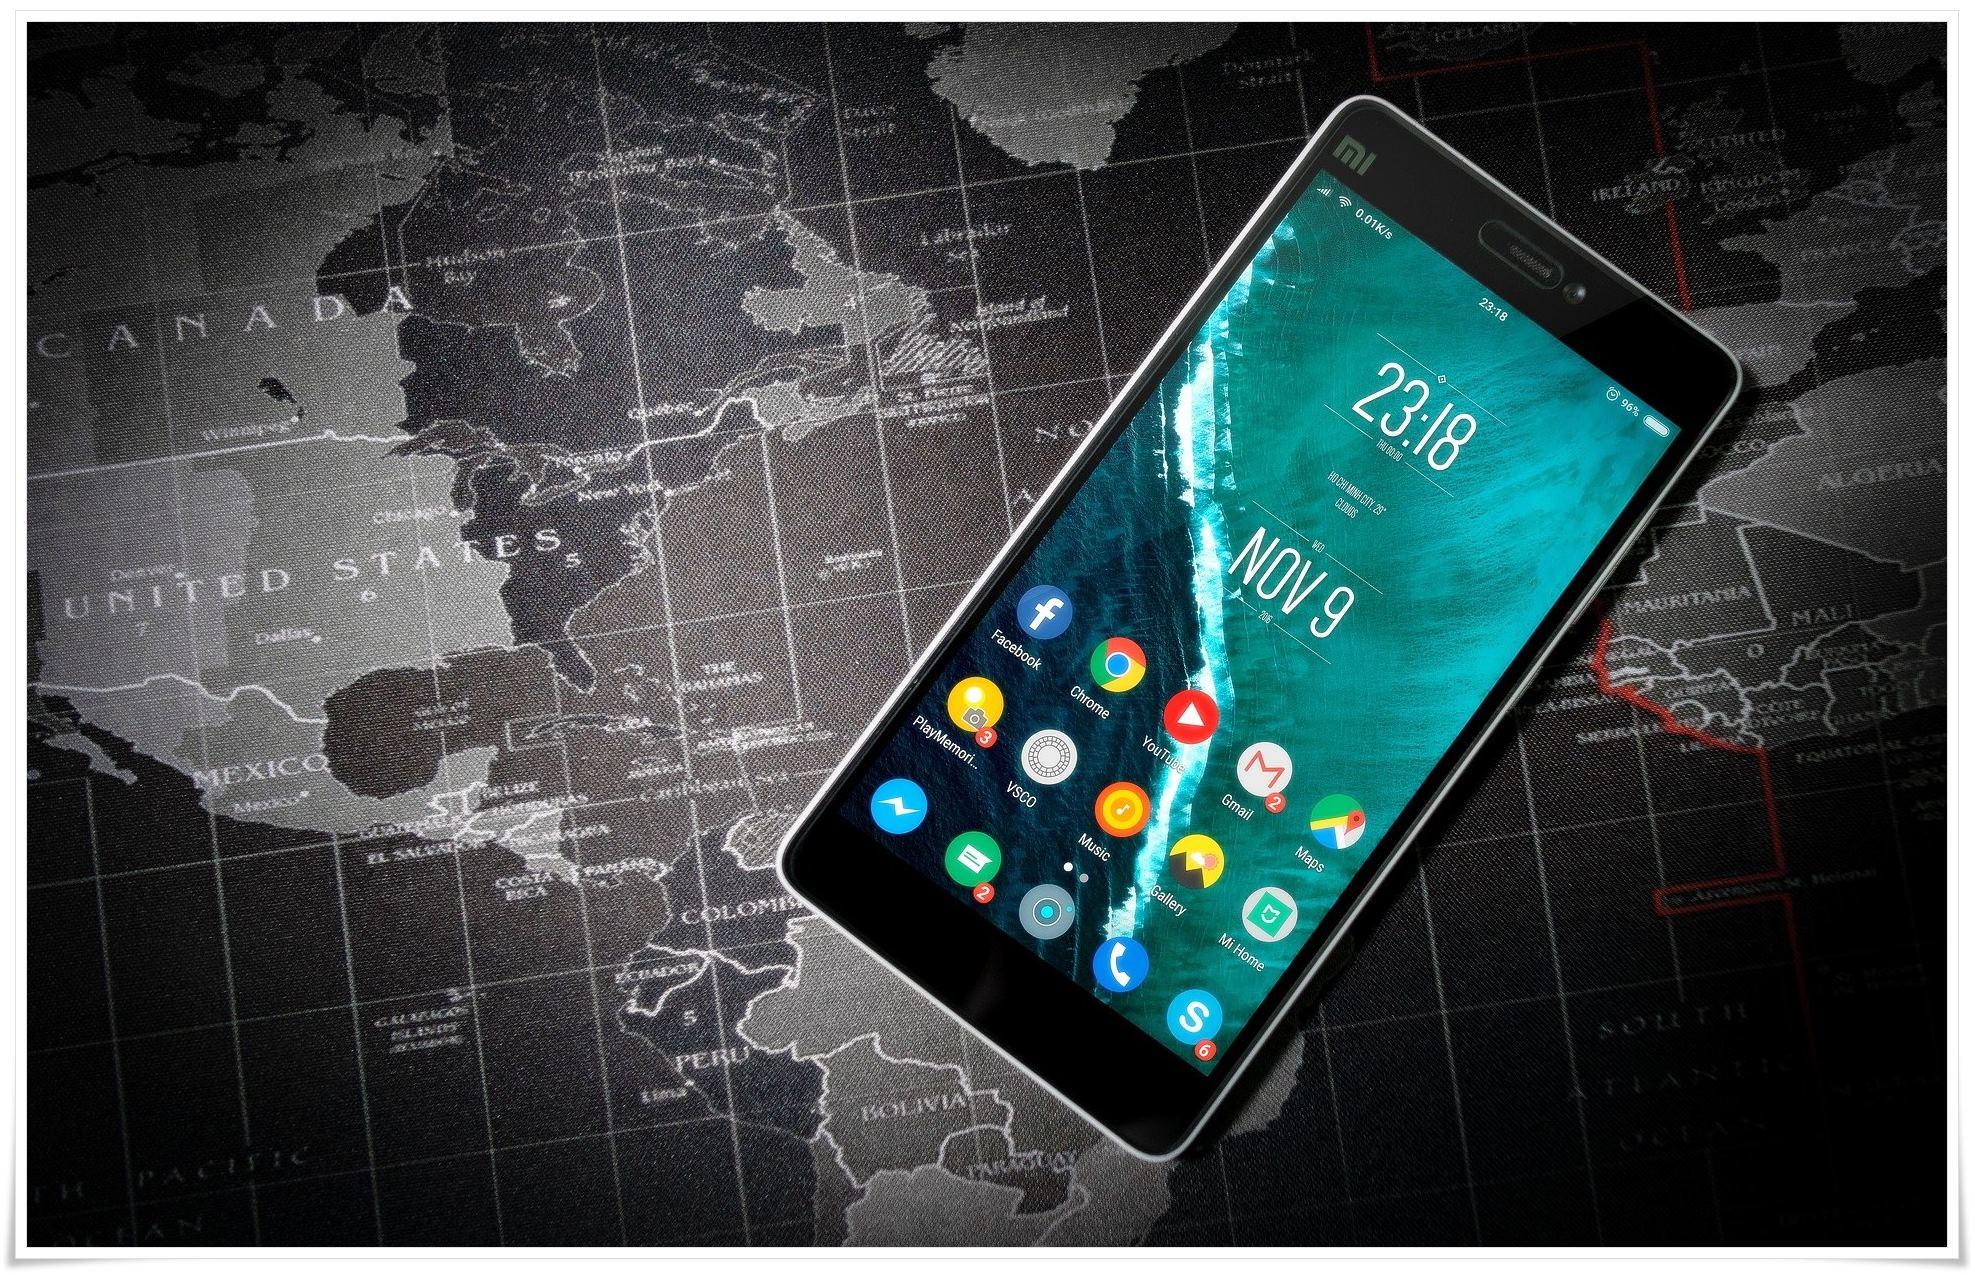 HP Android Anda Lambat (Lemot), Begini Cara Mengatasinya!